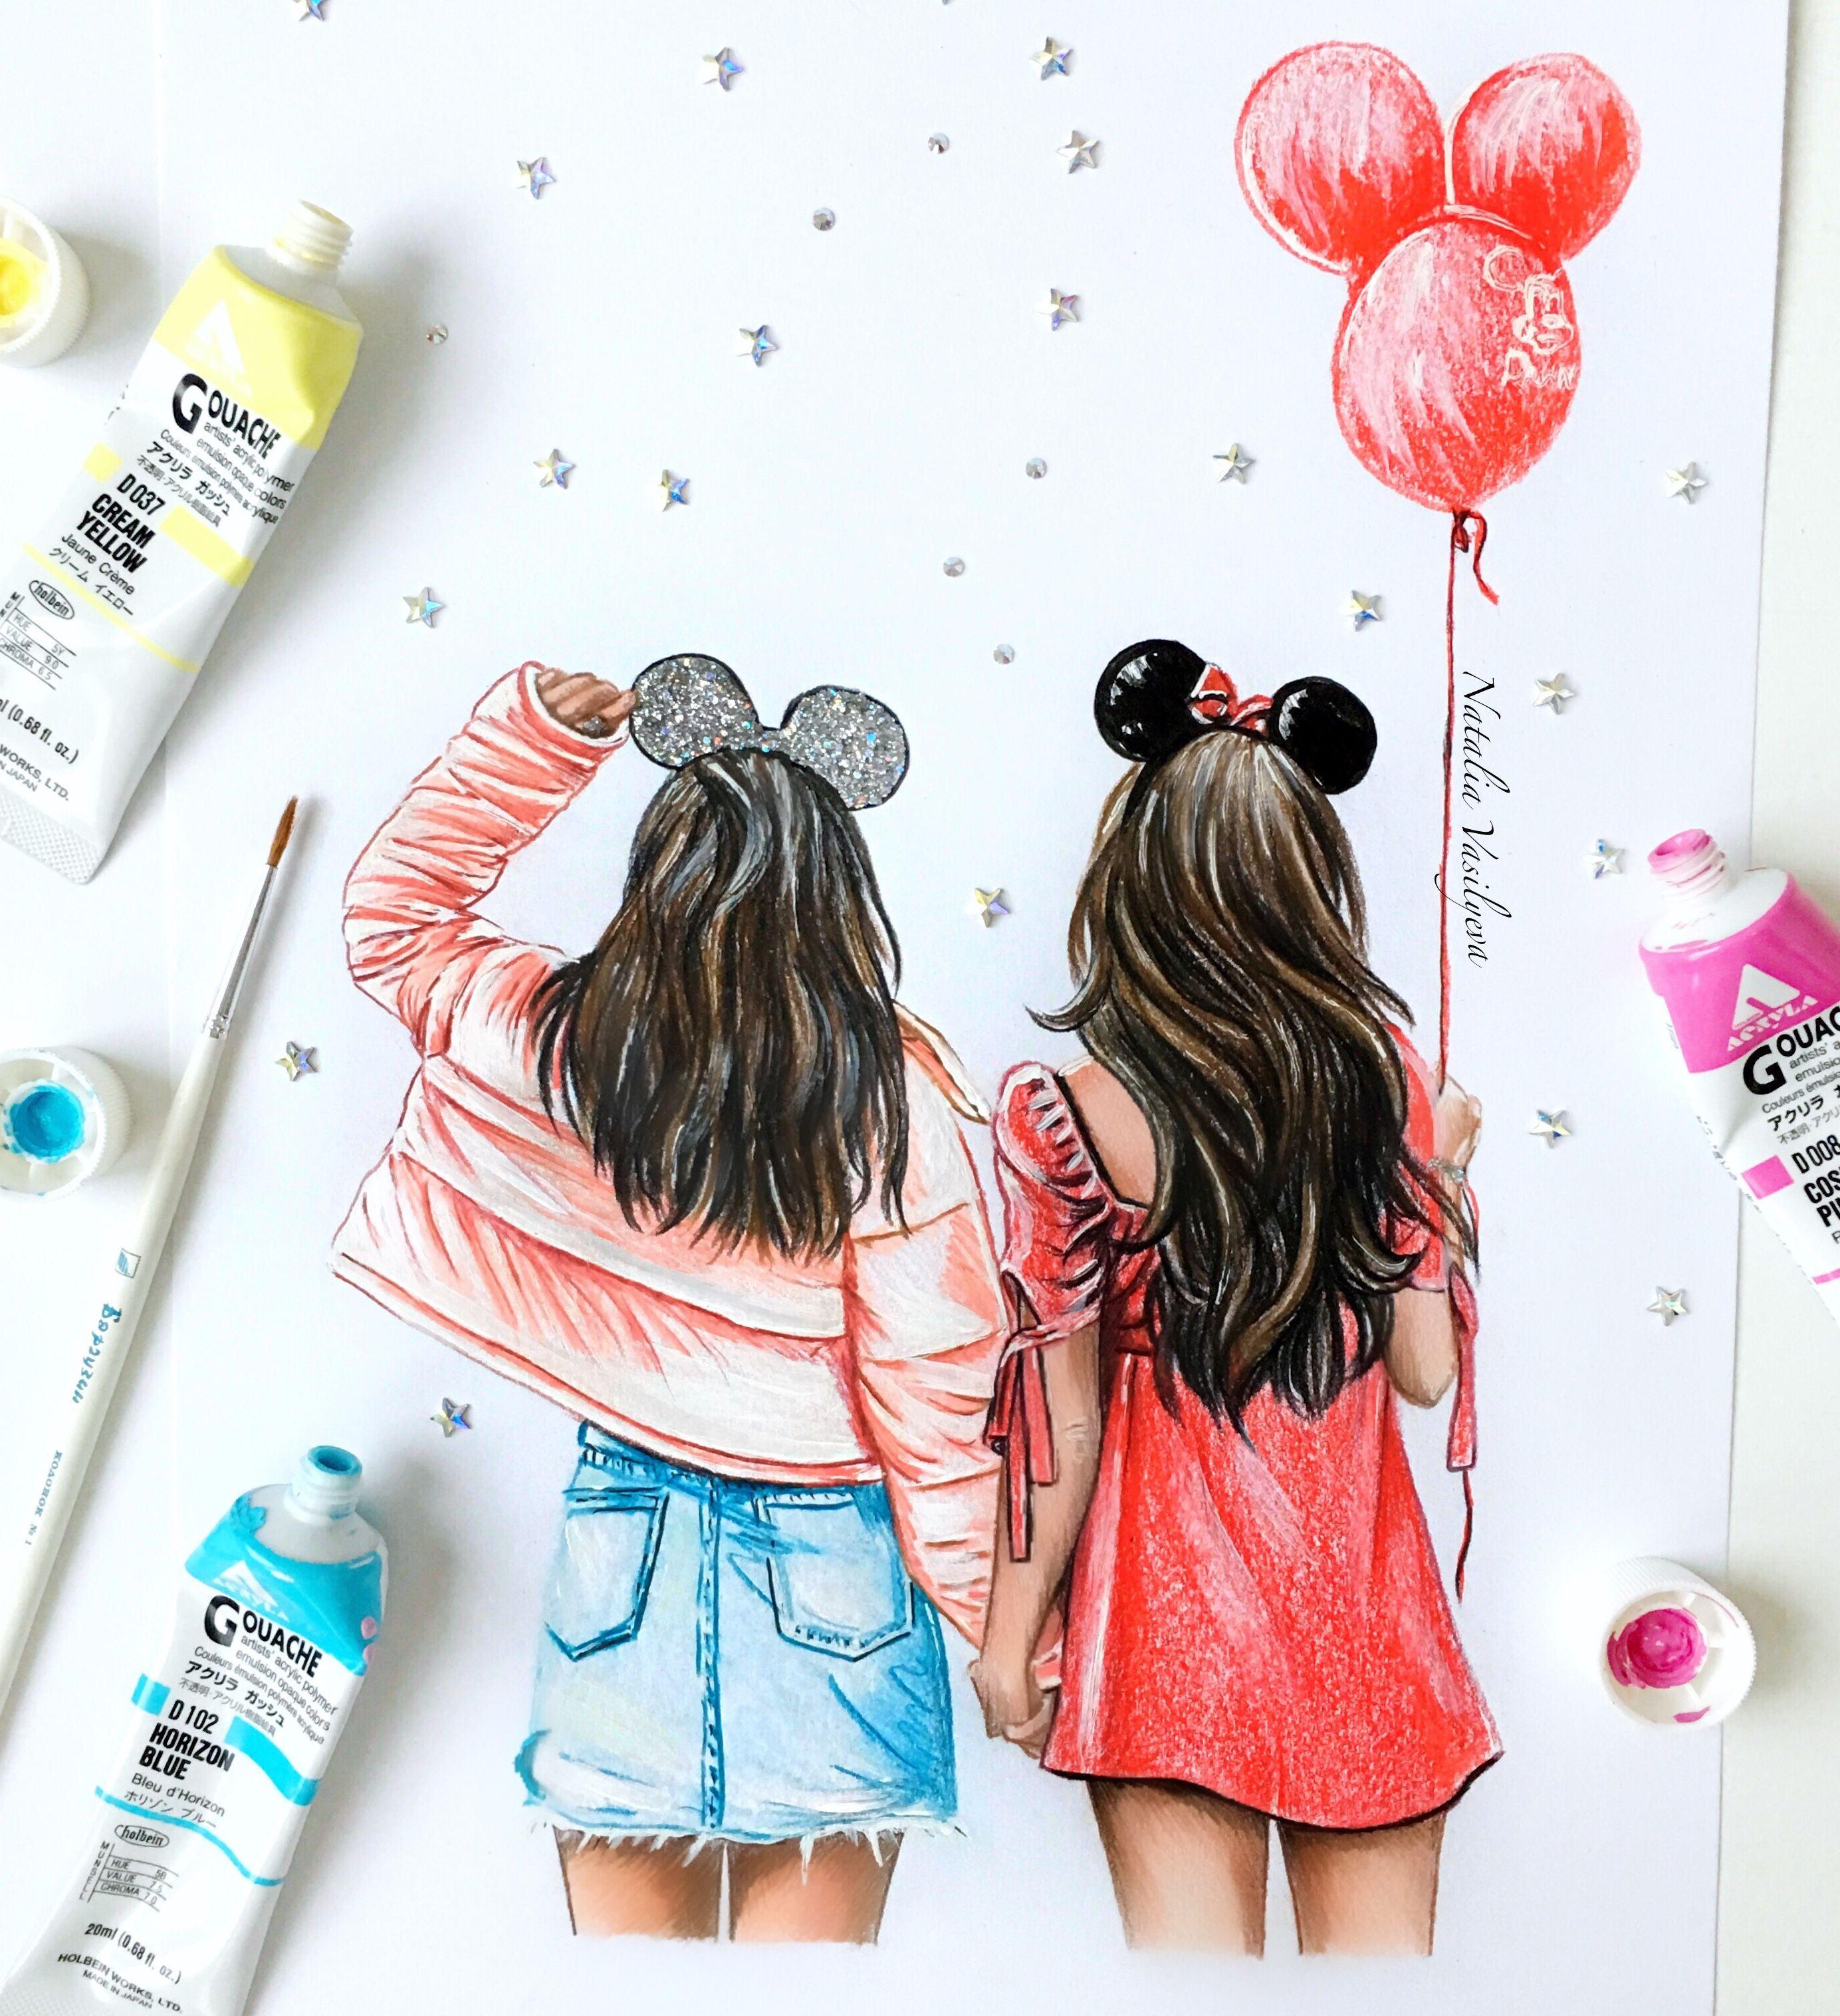 Art Illustration Luchshie Druzya Navsegda Risunki Devushki Risunki